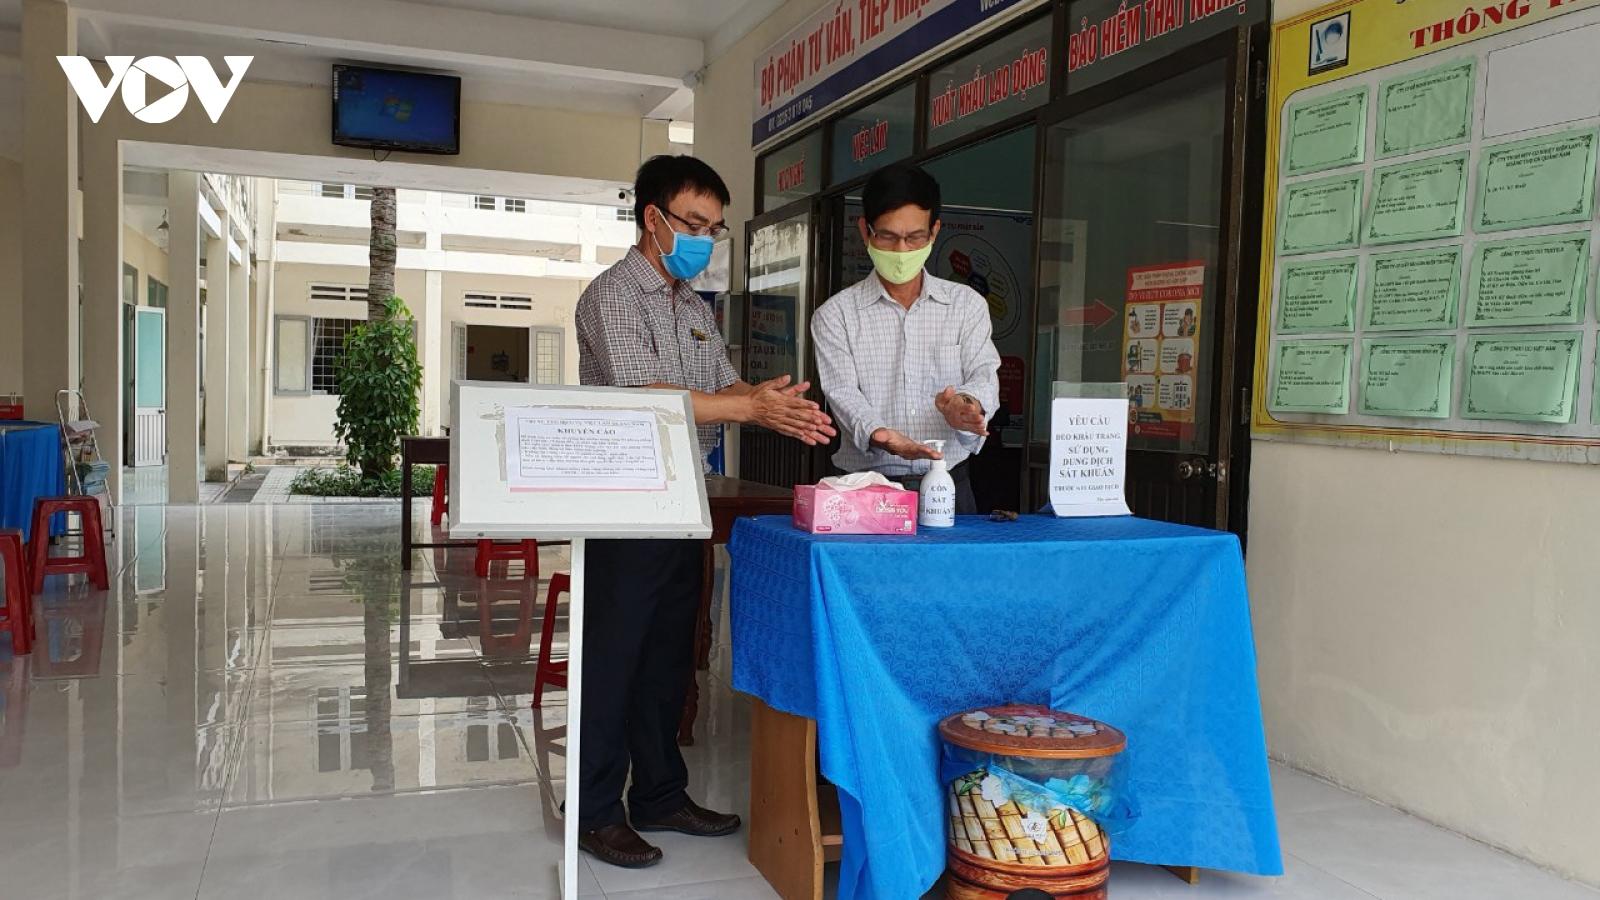 Trung tâm dịch vụ việc làm Quảng Nam đẩy mạnh kết nối việc làm, giải quyết chế độ BHTN